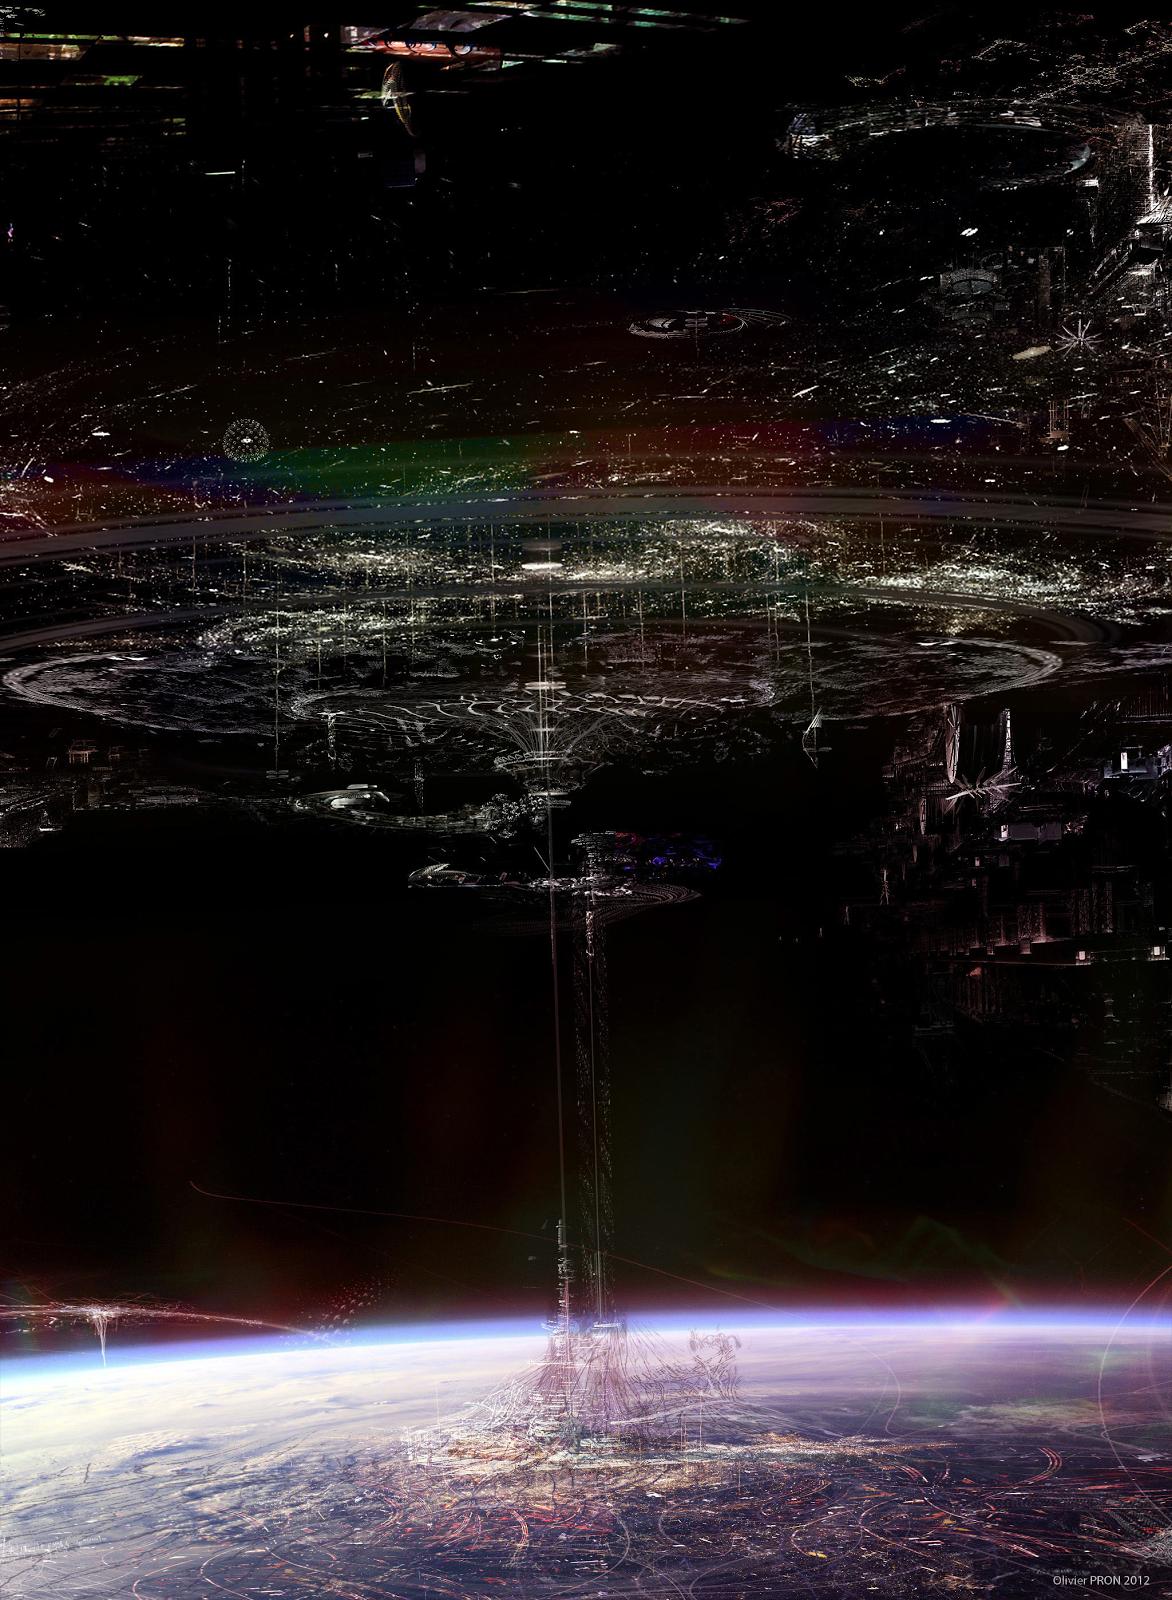 Jupiter Ascending Concept Art By Olivier Pron Concept